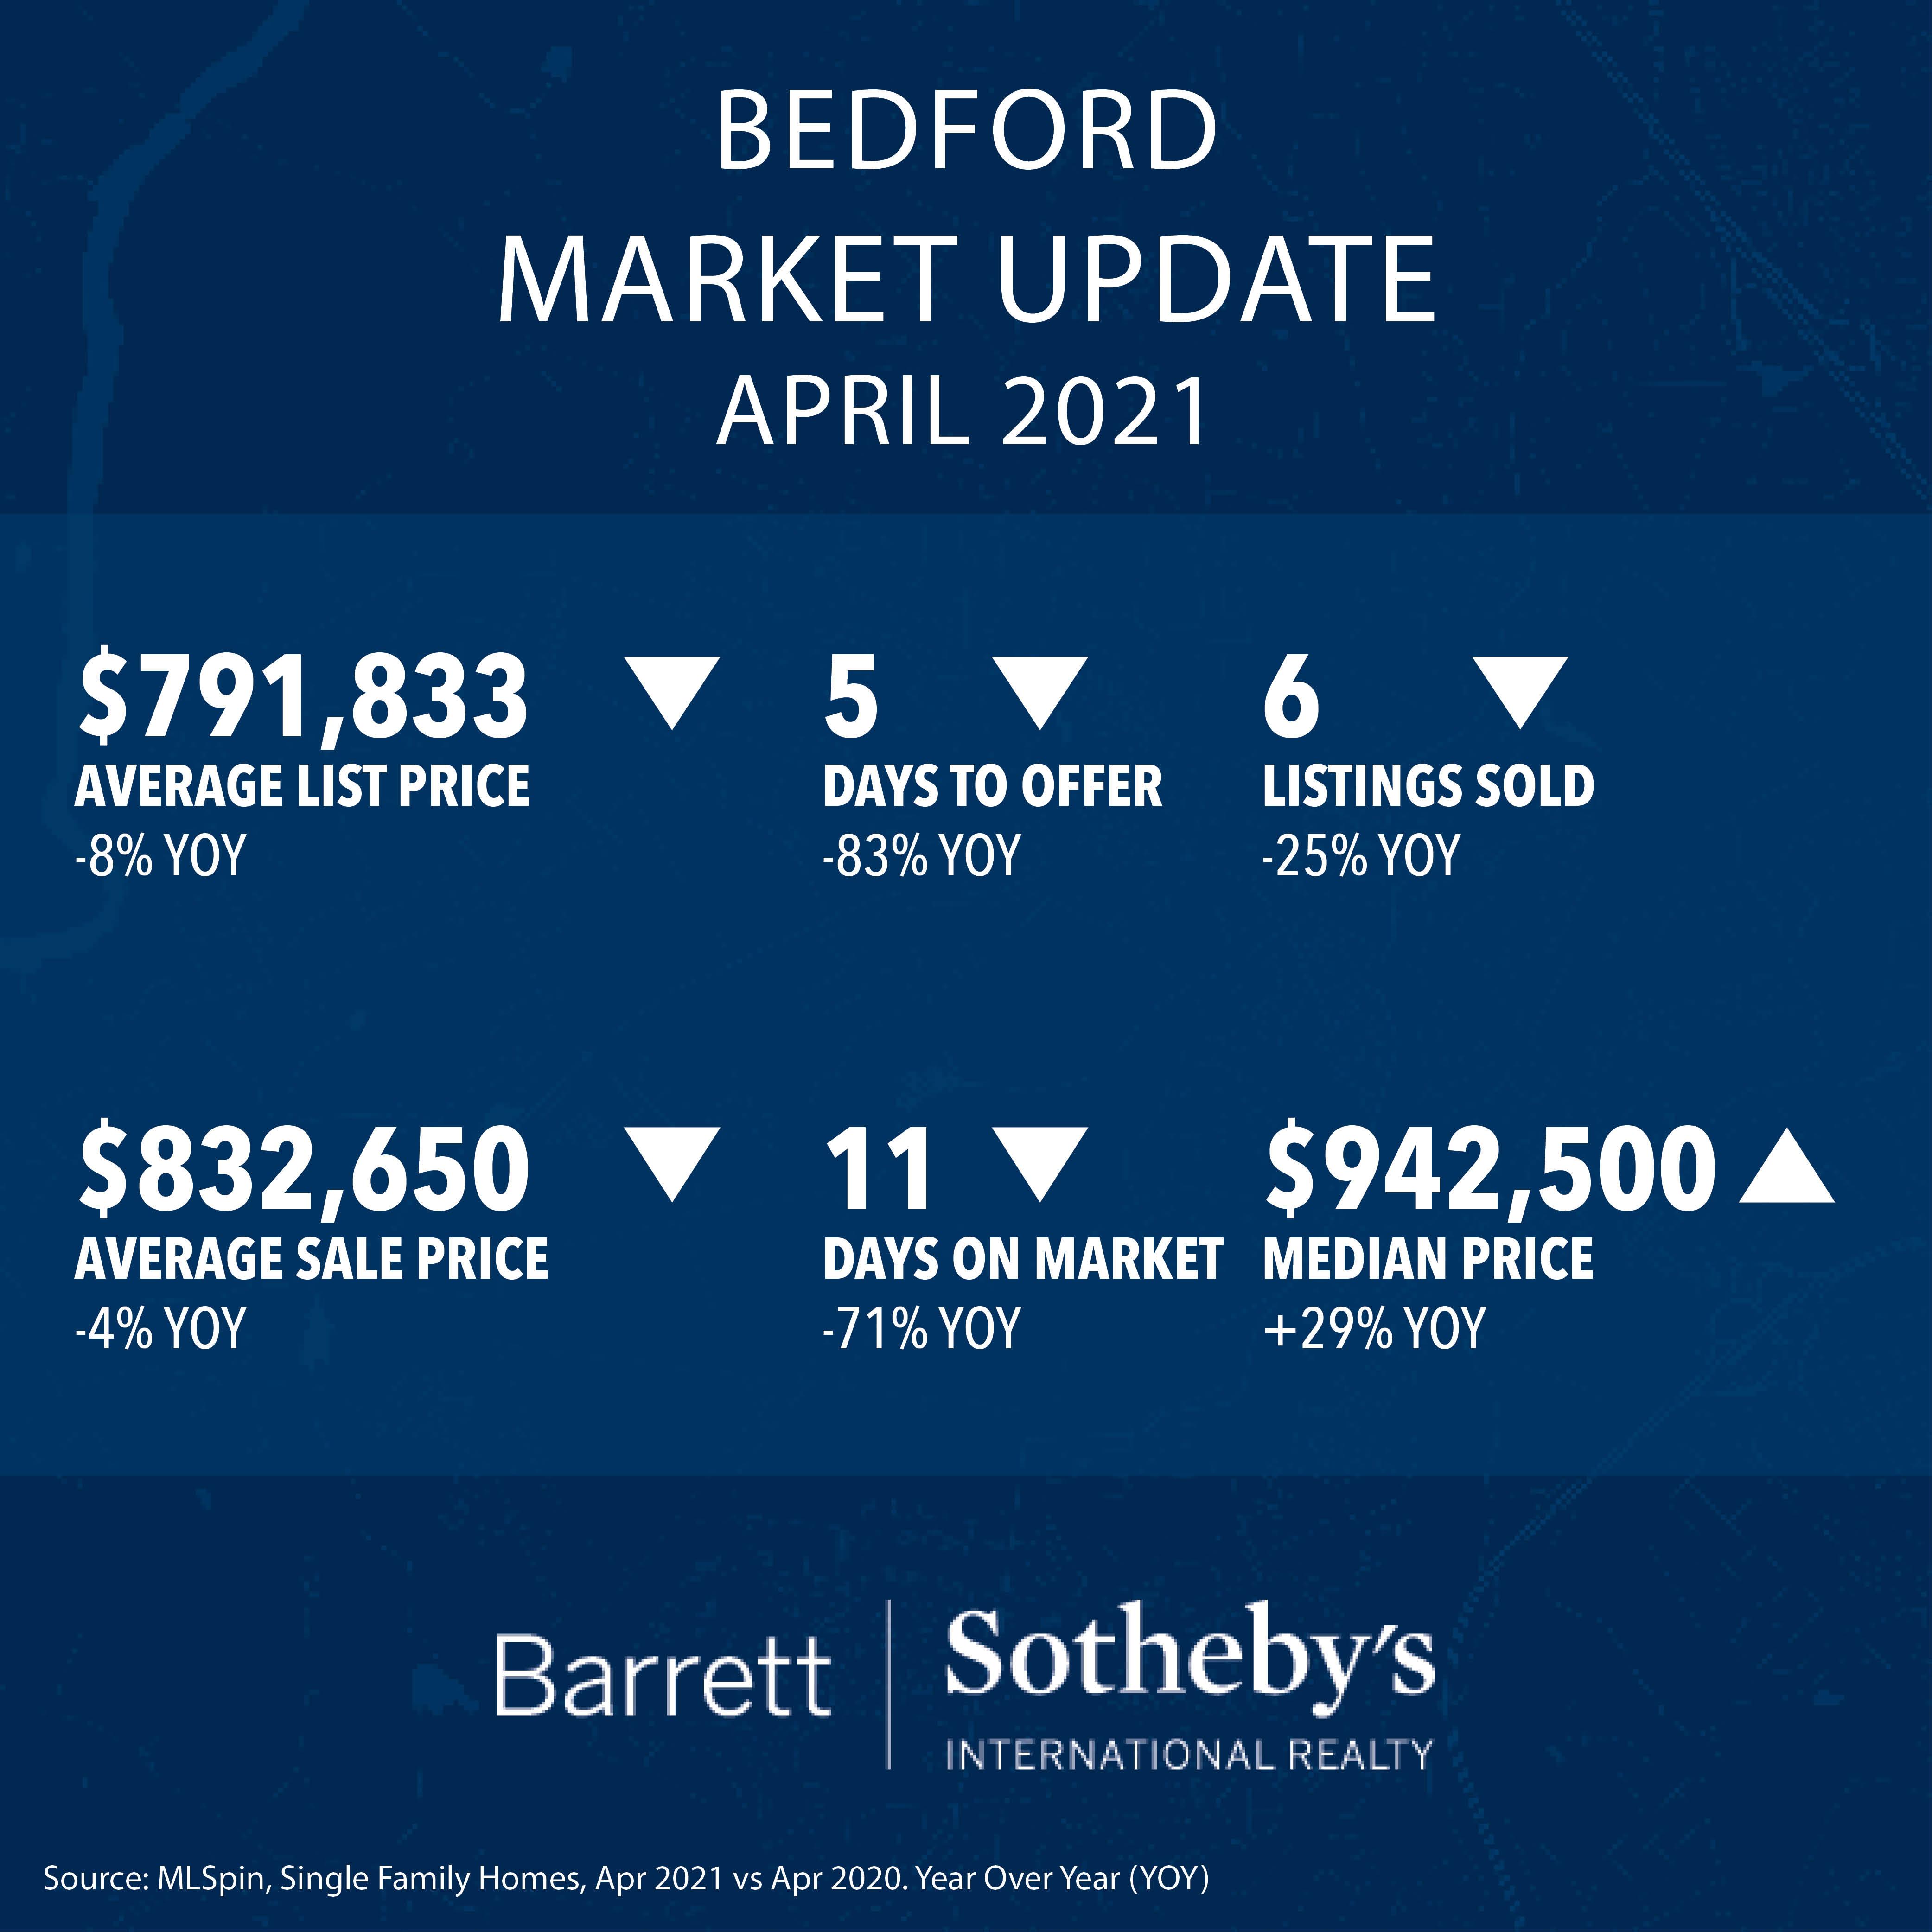 Bedford Real Estate Market Update